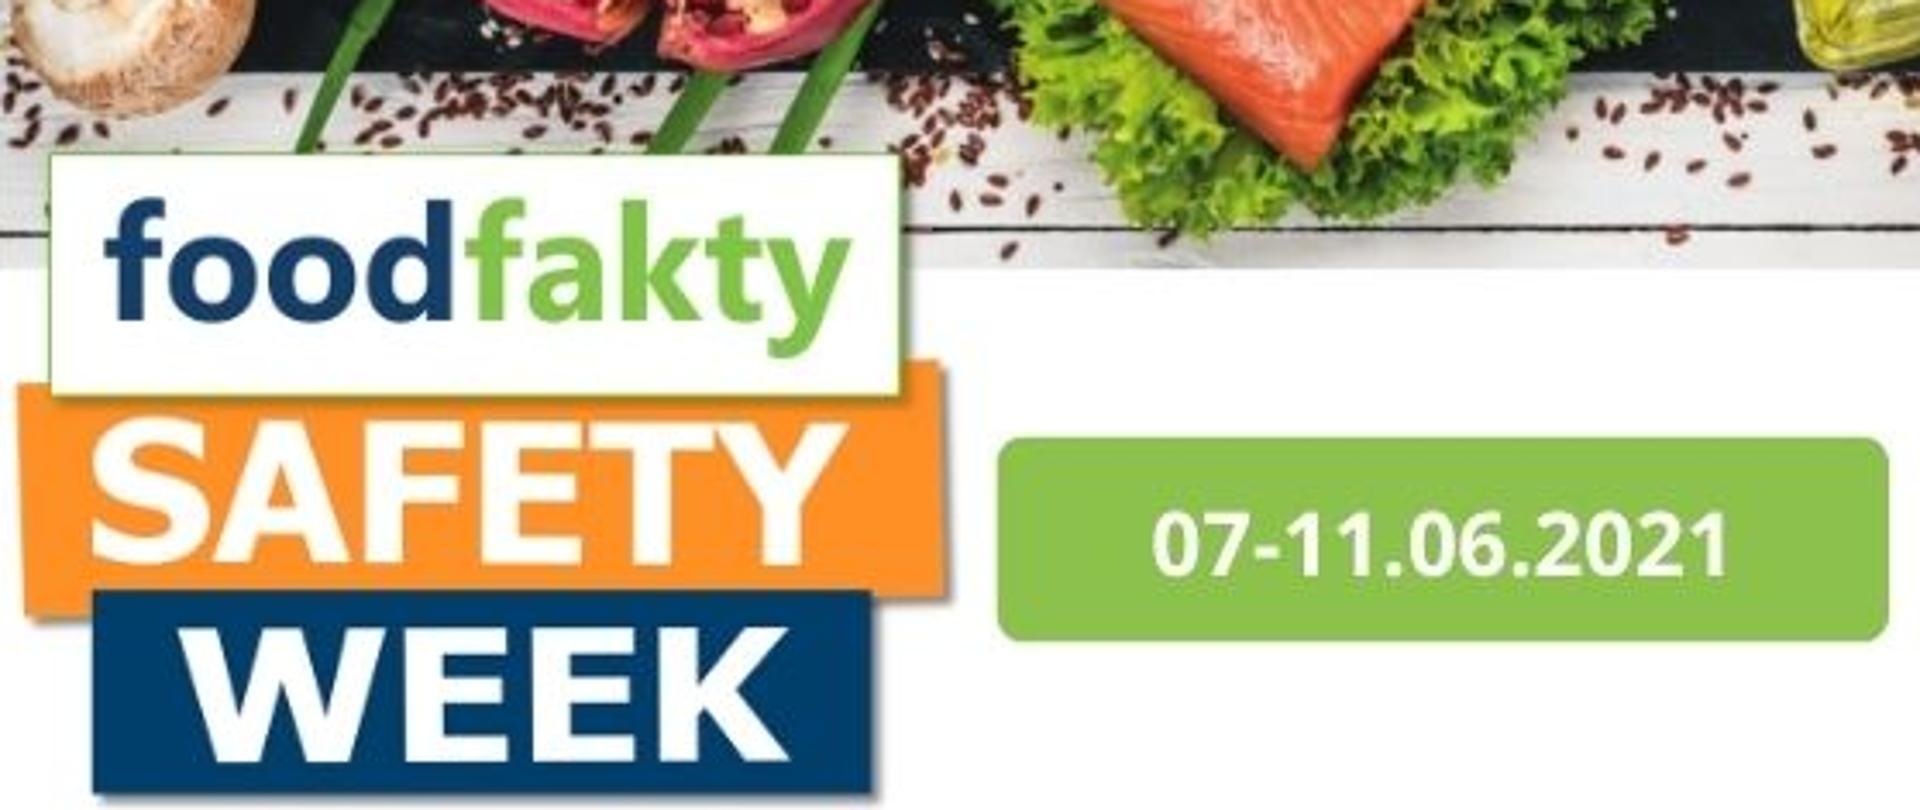 Grafika z napisami: foodfakty, safety week, 07-11.06.2021. Na górze napisów znajduje się zdjęcie na który są: pieczarka, brokuł, przecięty granat, brukselka, łosoś, awokado, oliwa.